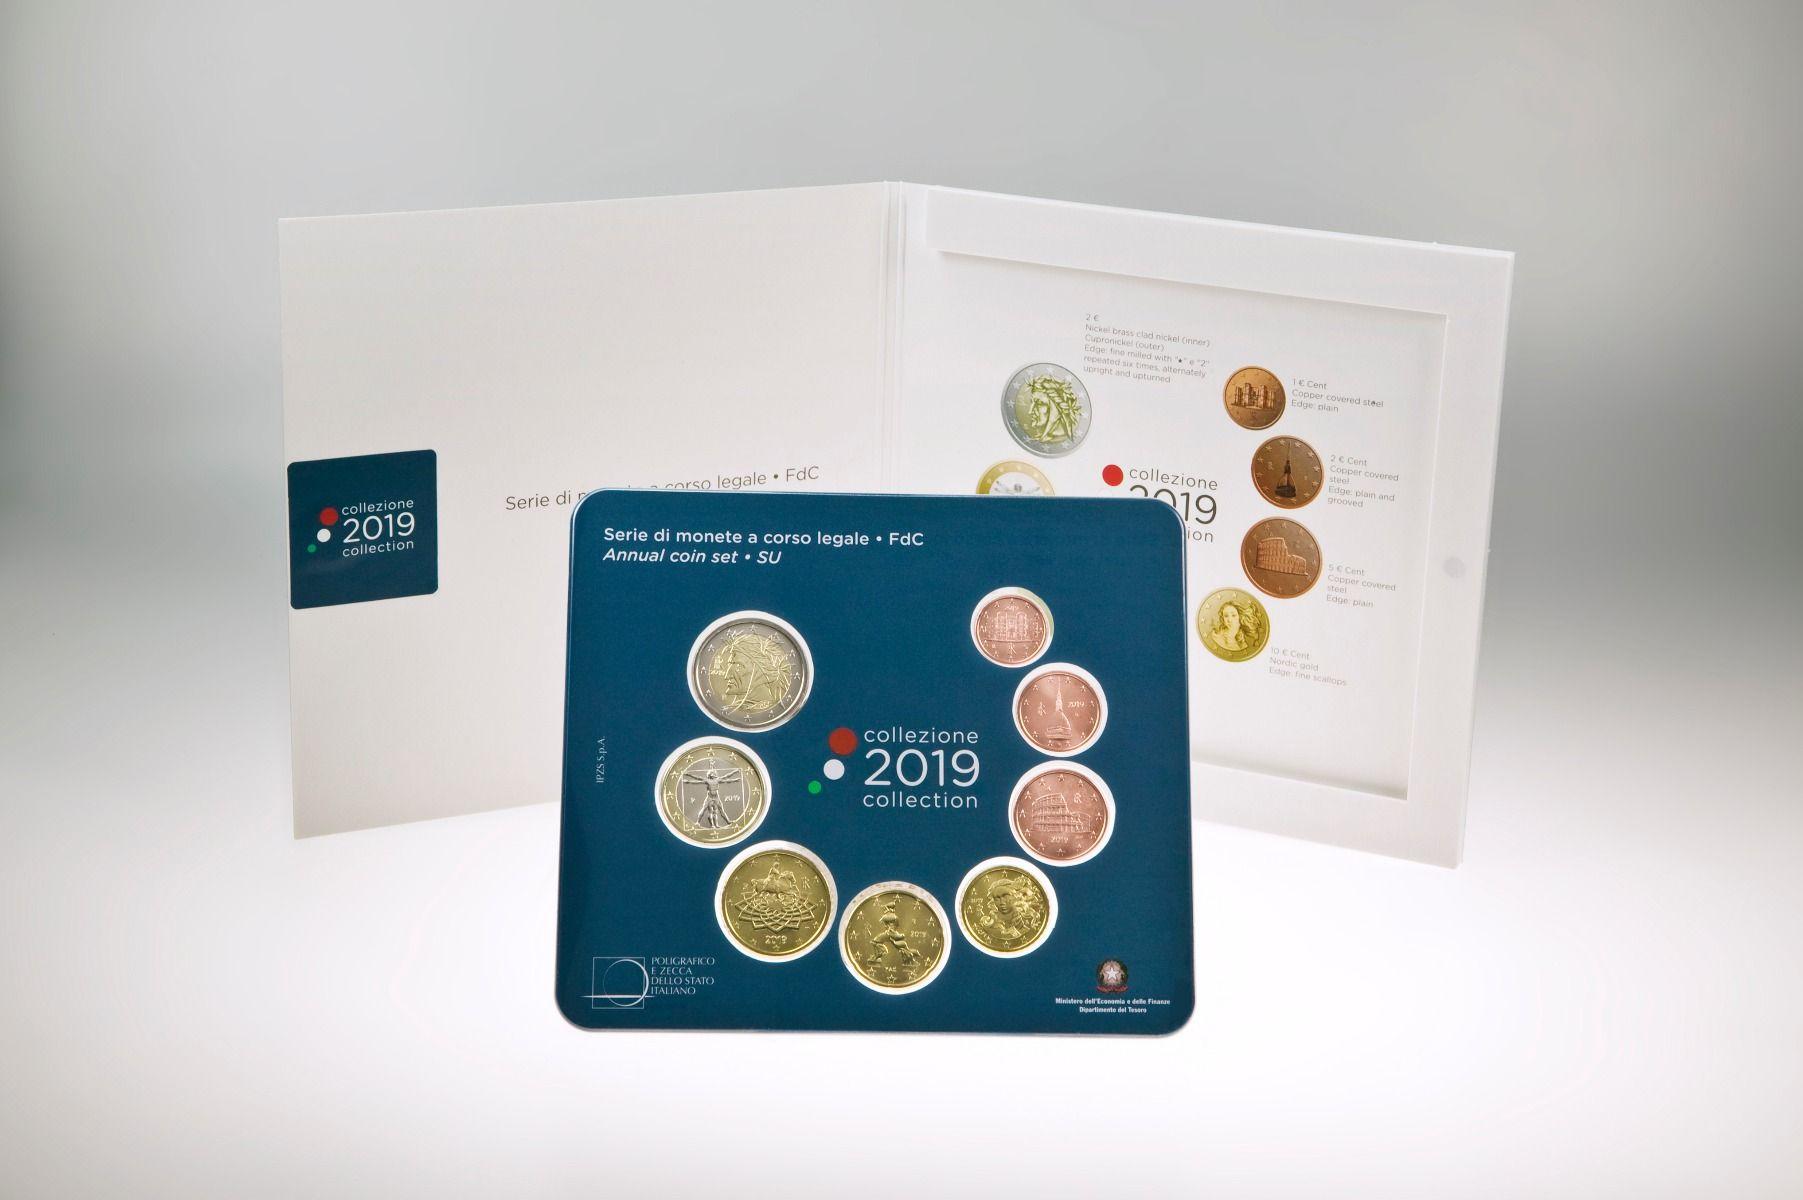 La divisionale italiana 8 pezzi 2019 in versione standard emessa il 15 marzo